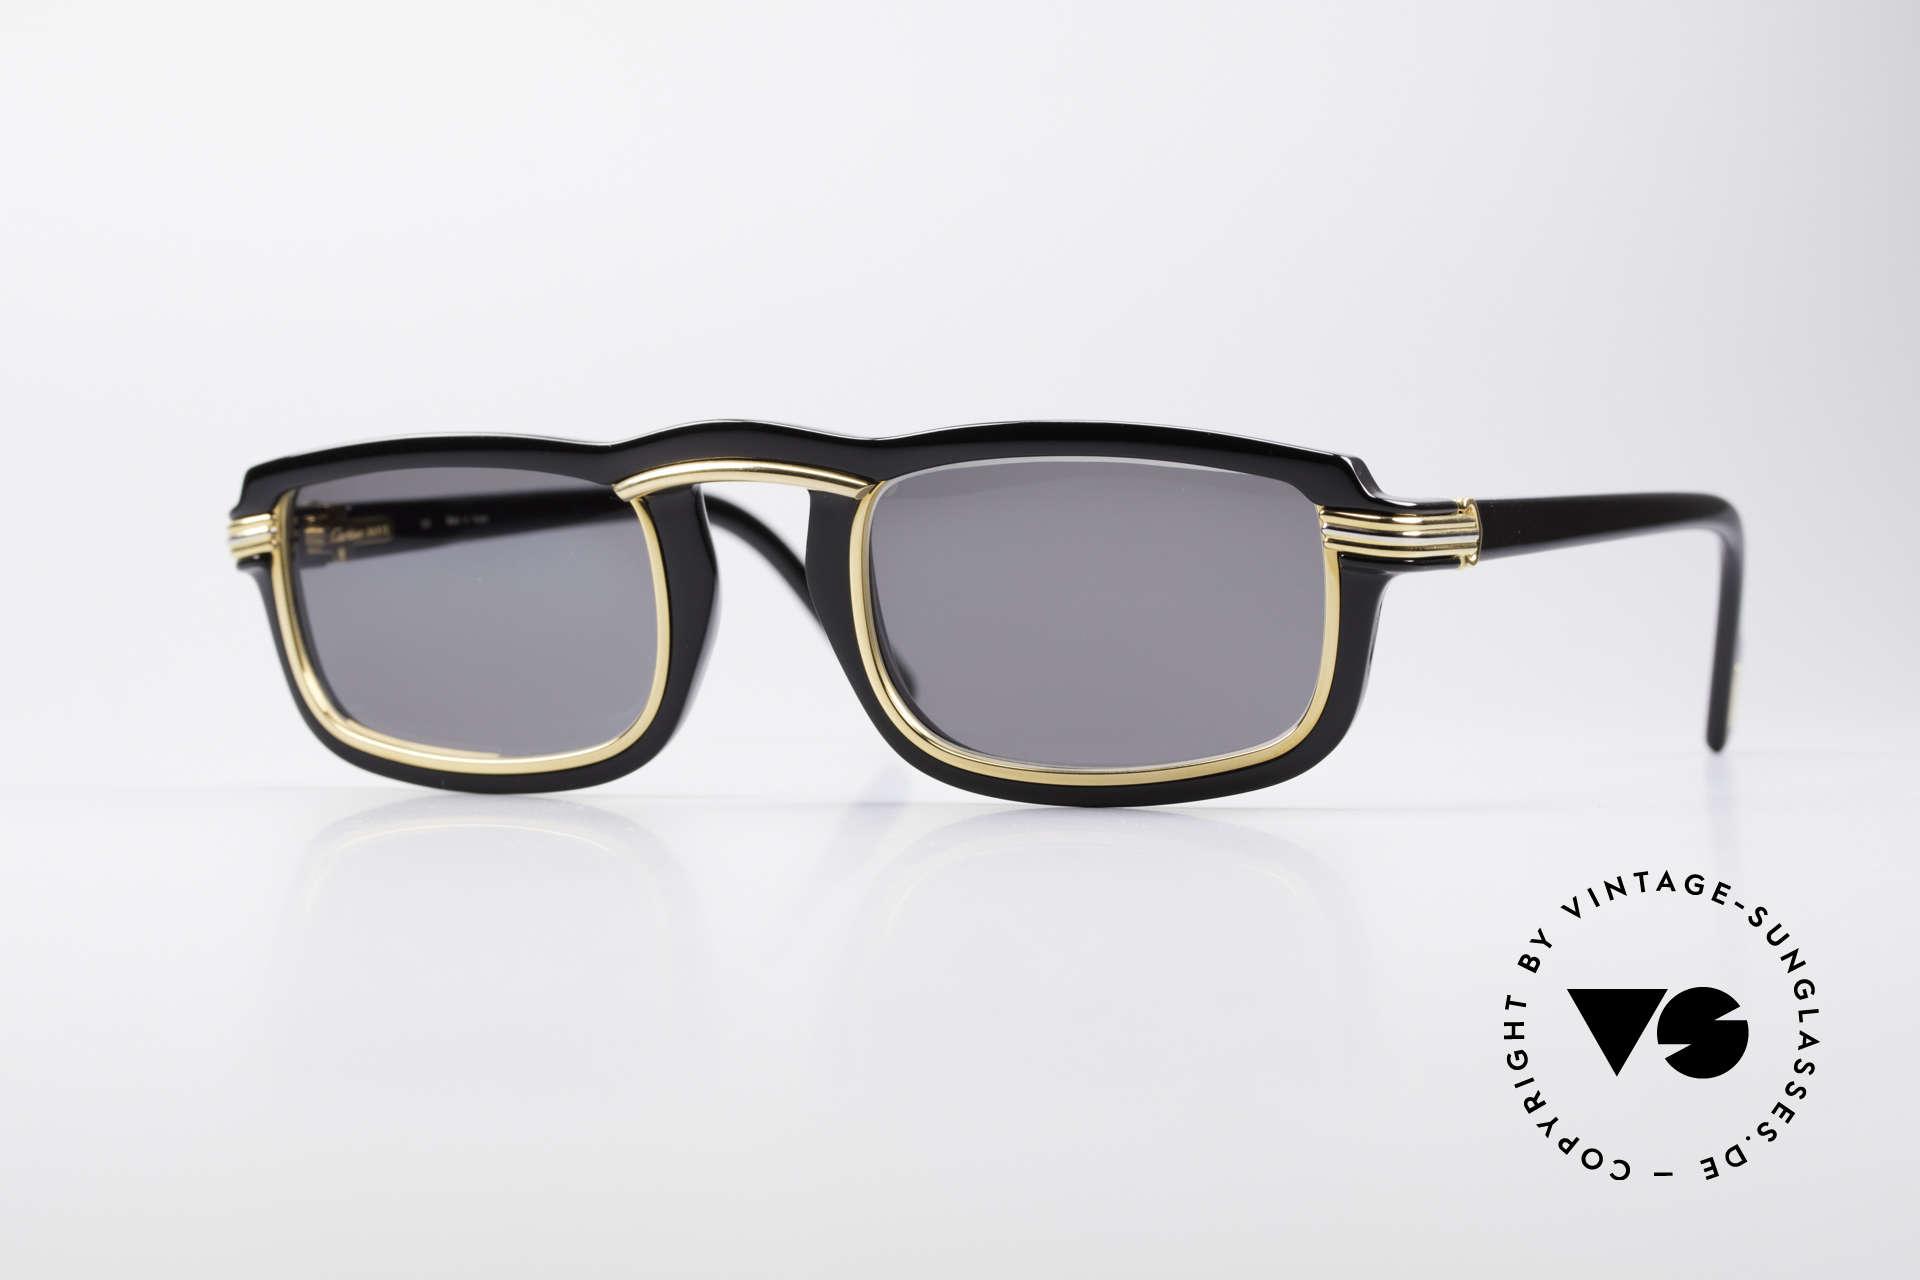 d763ba160378 Sunglasses Cartier Vertigo 90 s Luxury Sunglasses